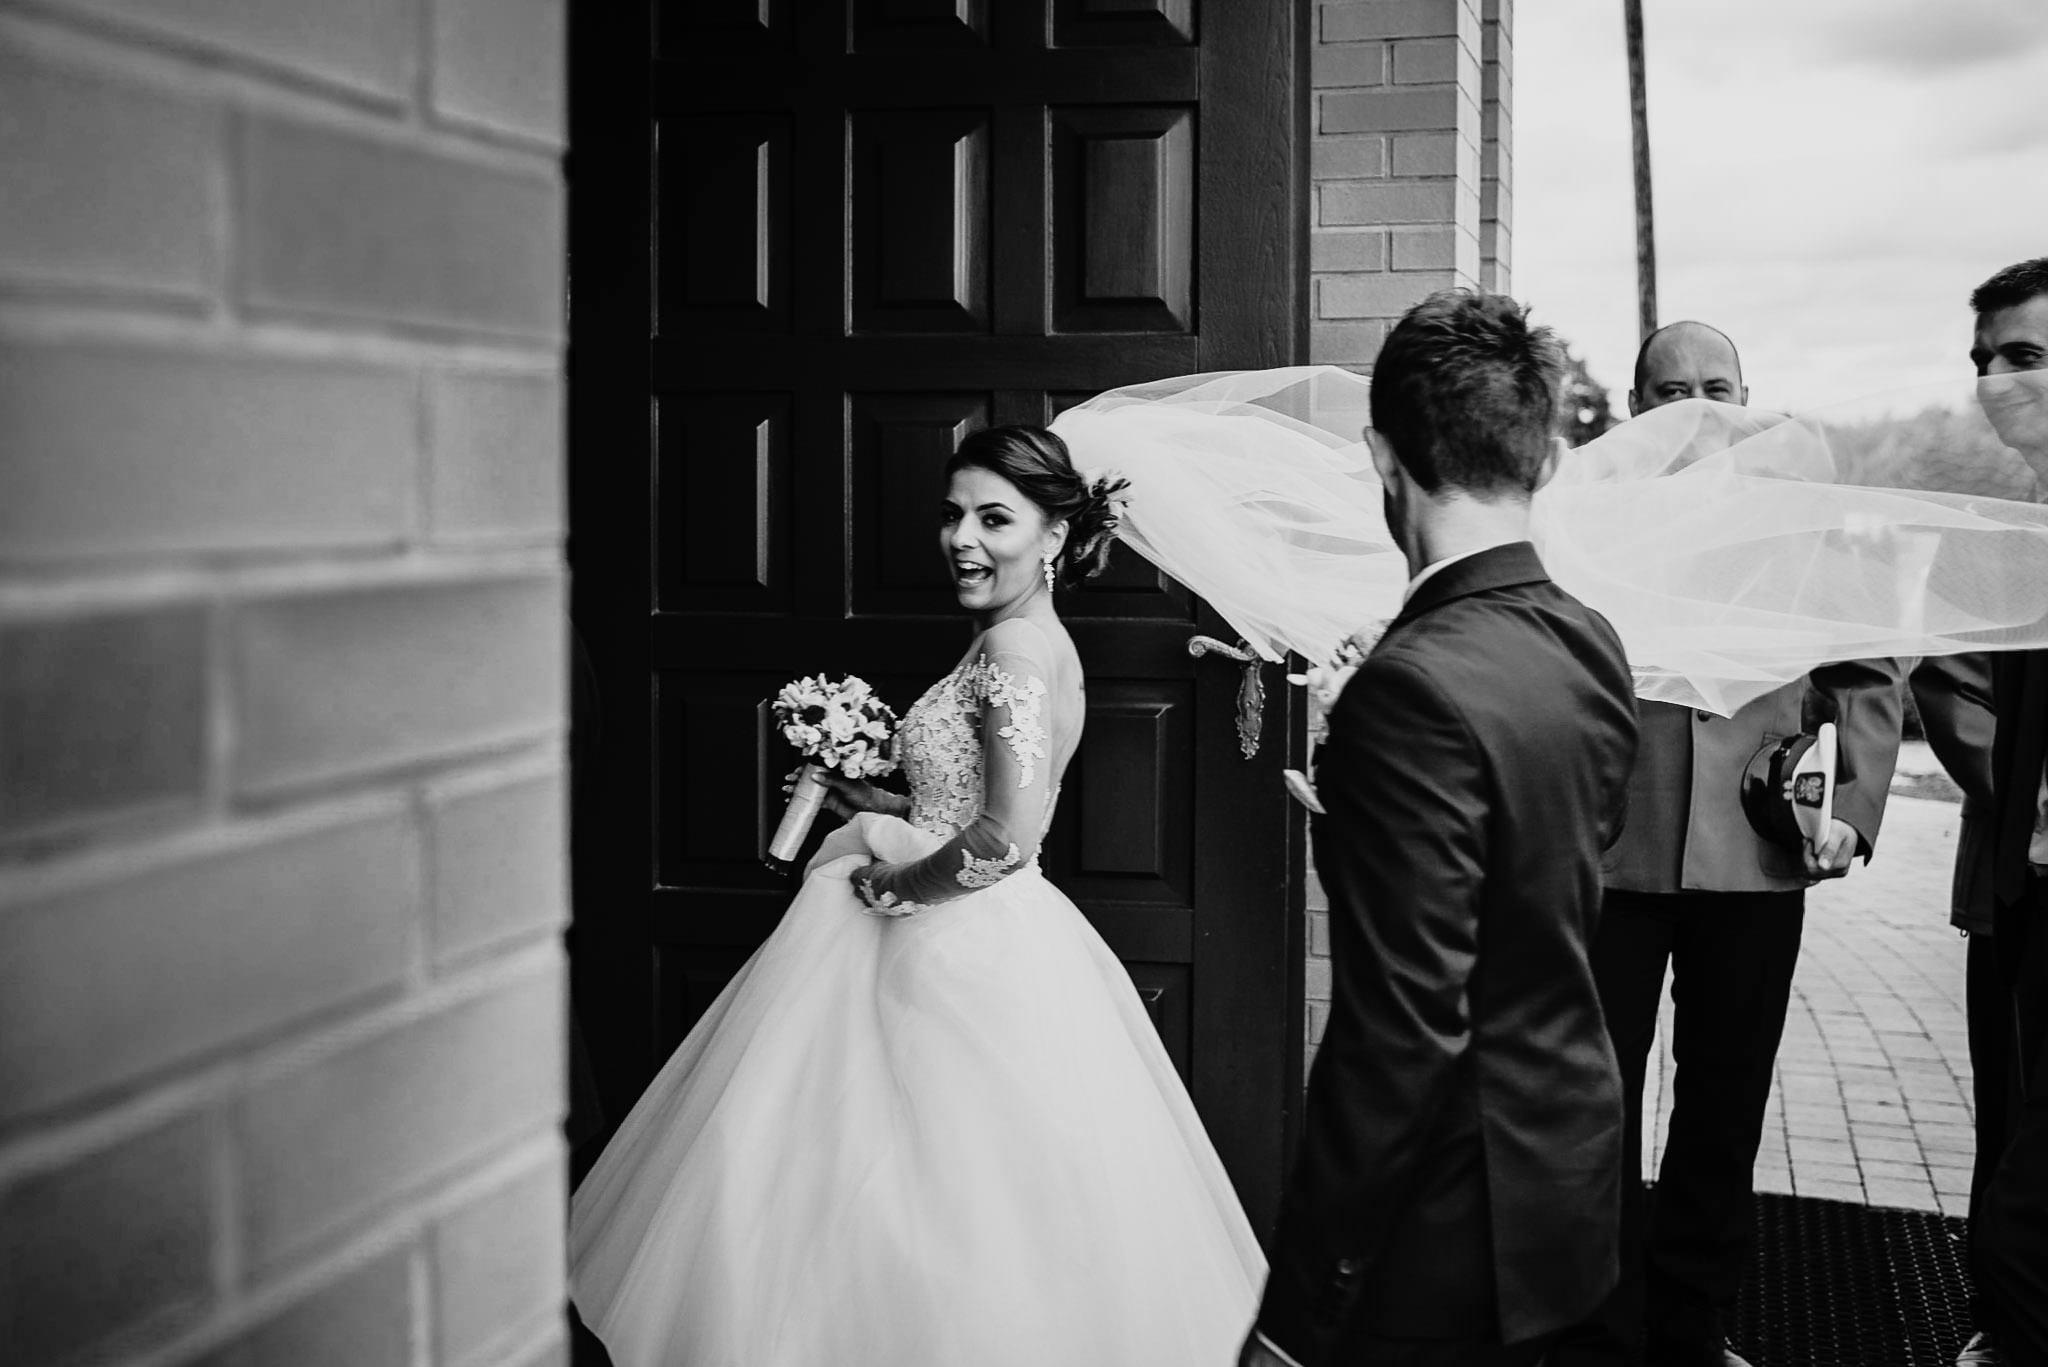 Angelika i Michał, piękne zdjęcia ślubne i sesja plenerowa w Gołuchowie 88